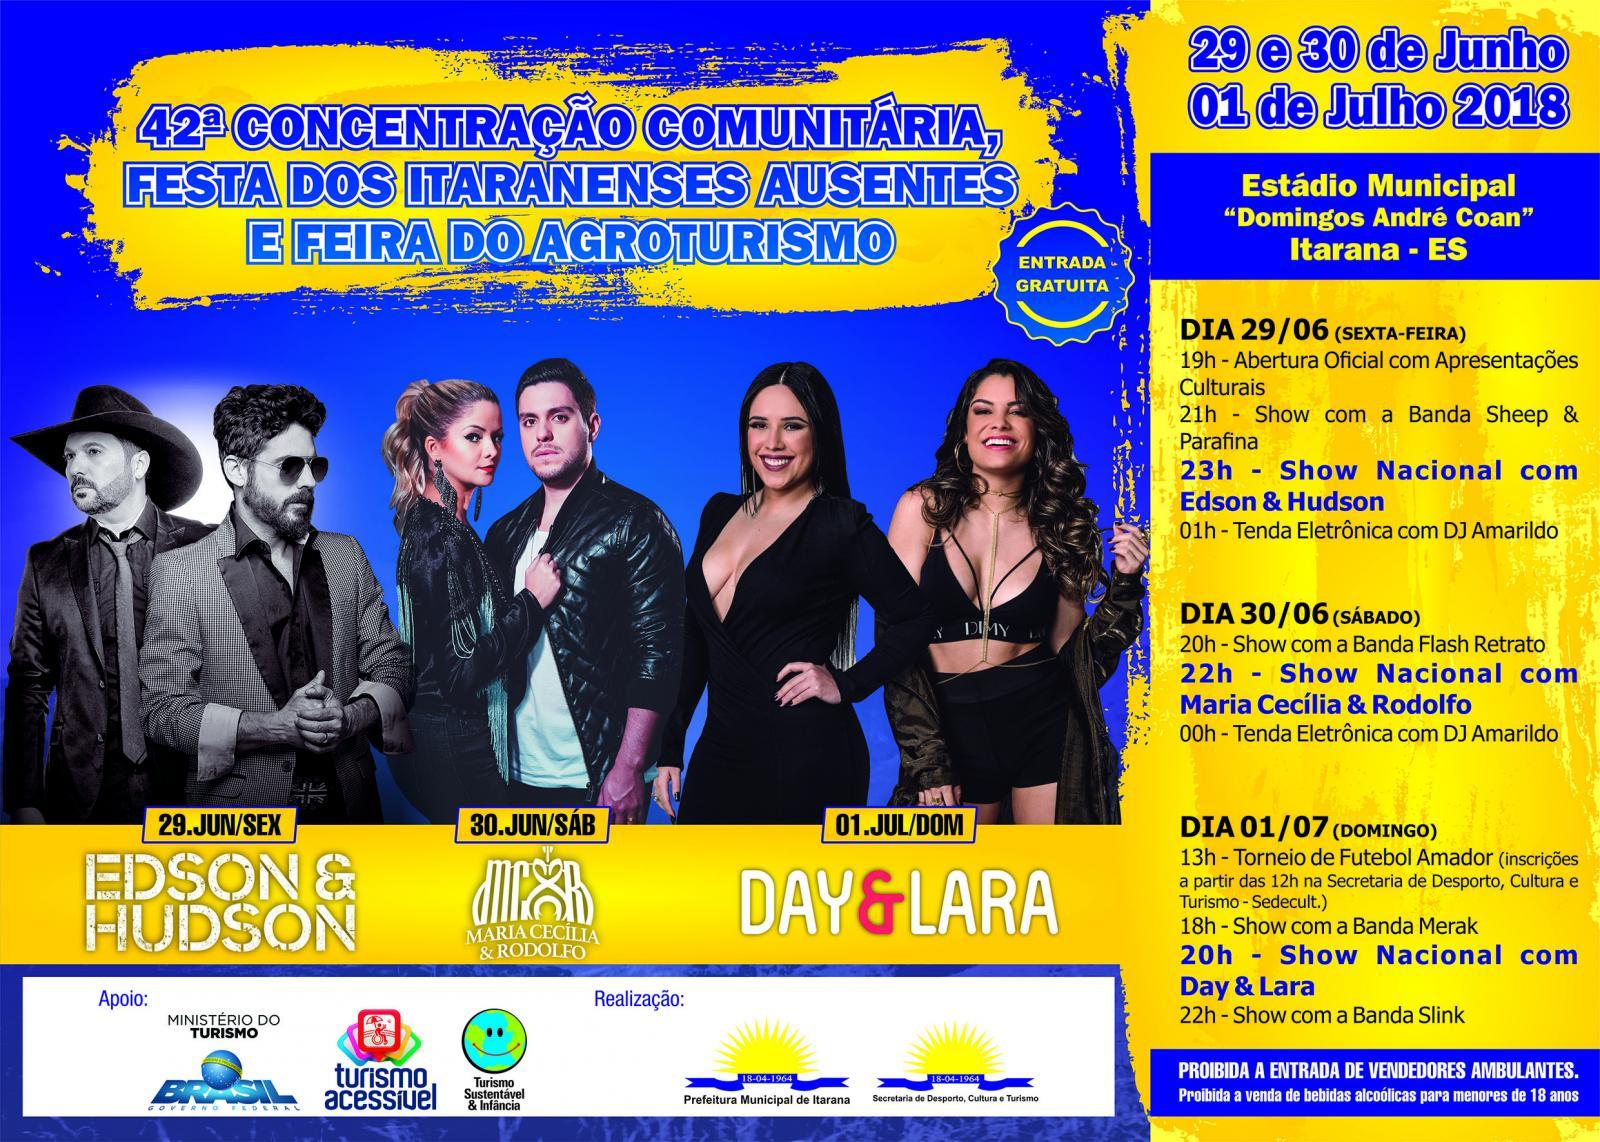 Programação da 42ª Concentração Comunitária, Festa dos Itaranenses Ausentes e Feira do Agroturismo